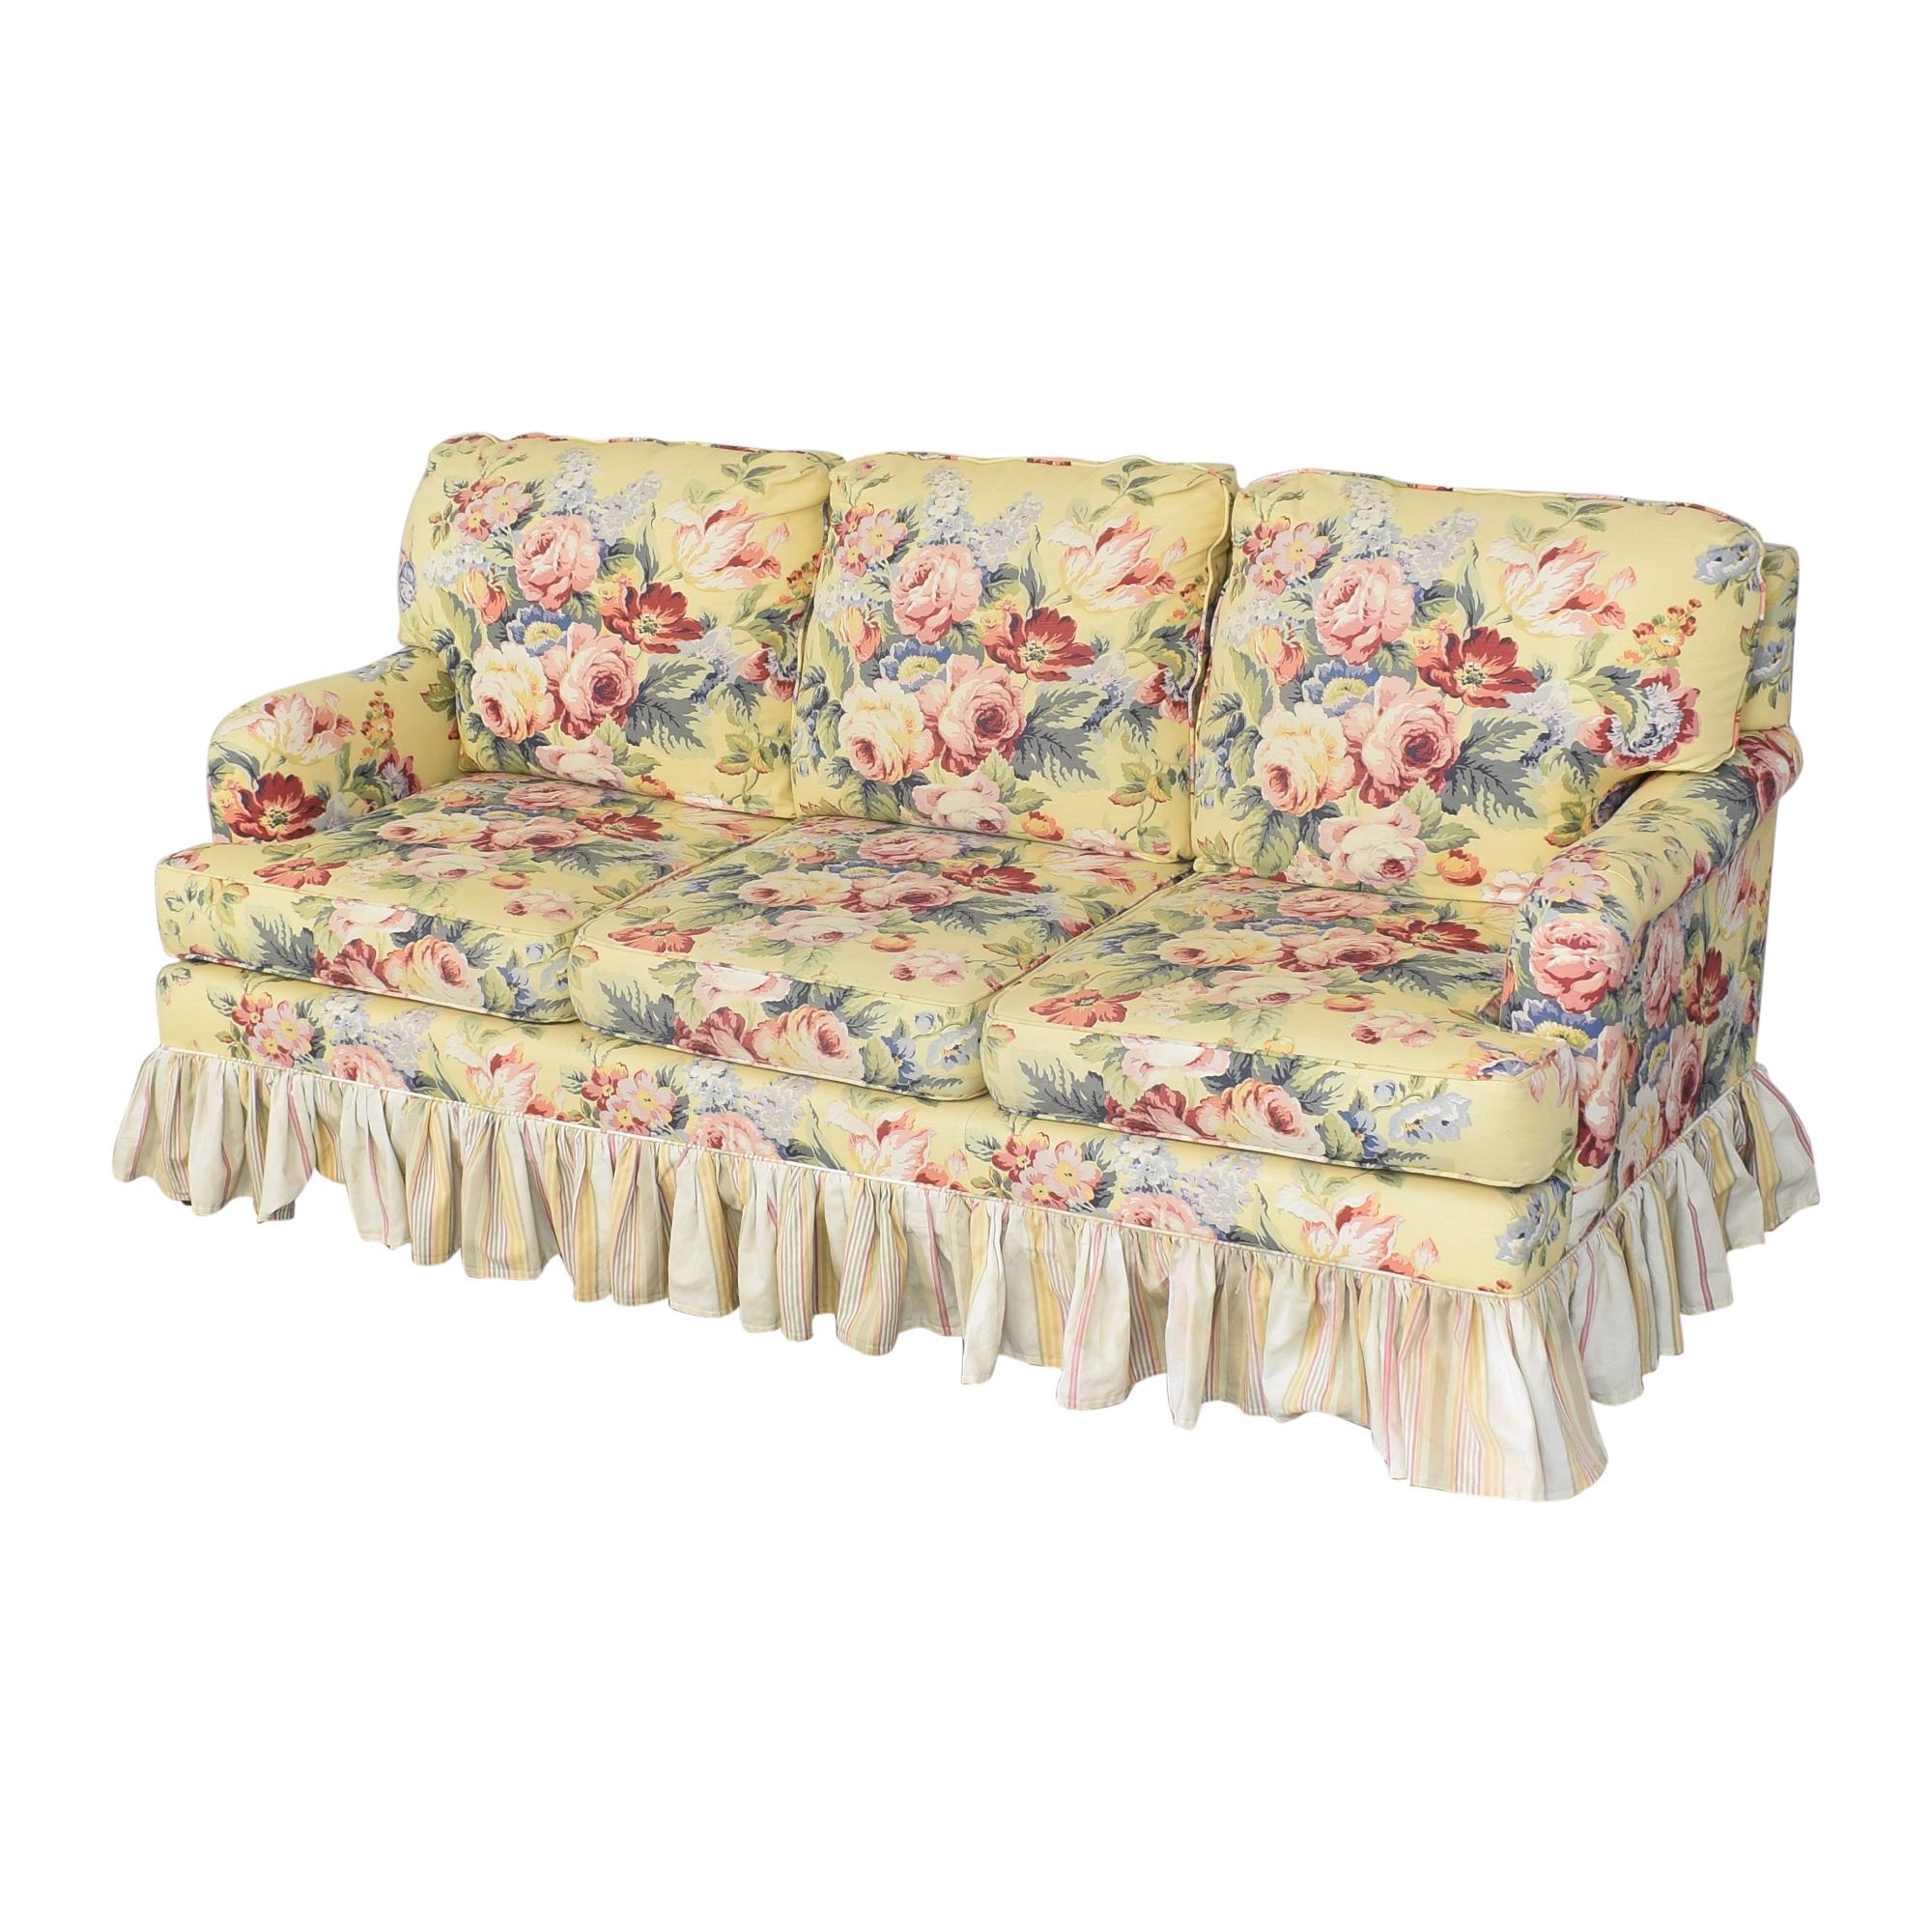 Sleepworks Sleepworks Custom Floral Sofa nyc